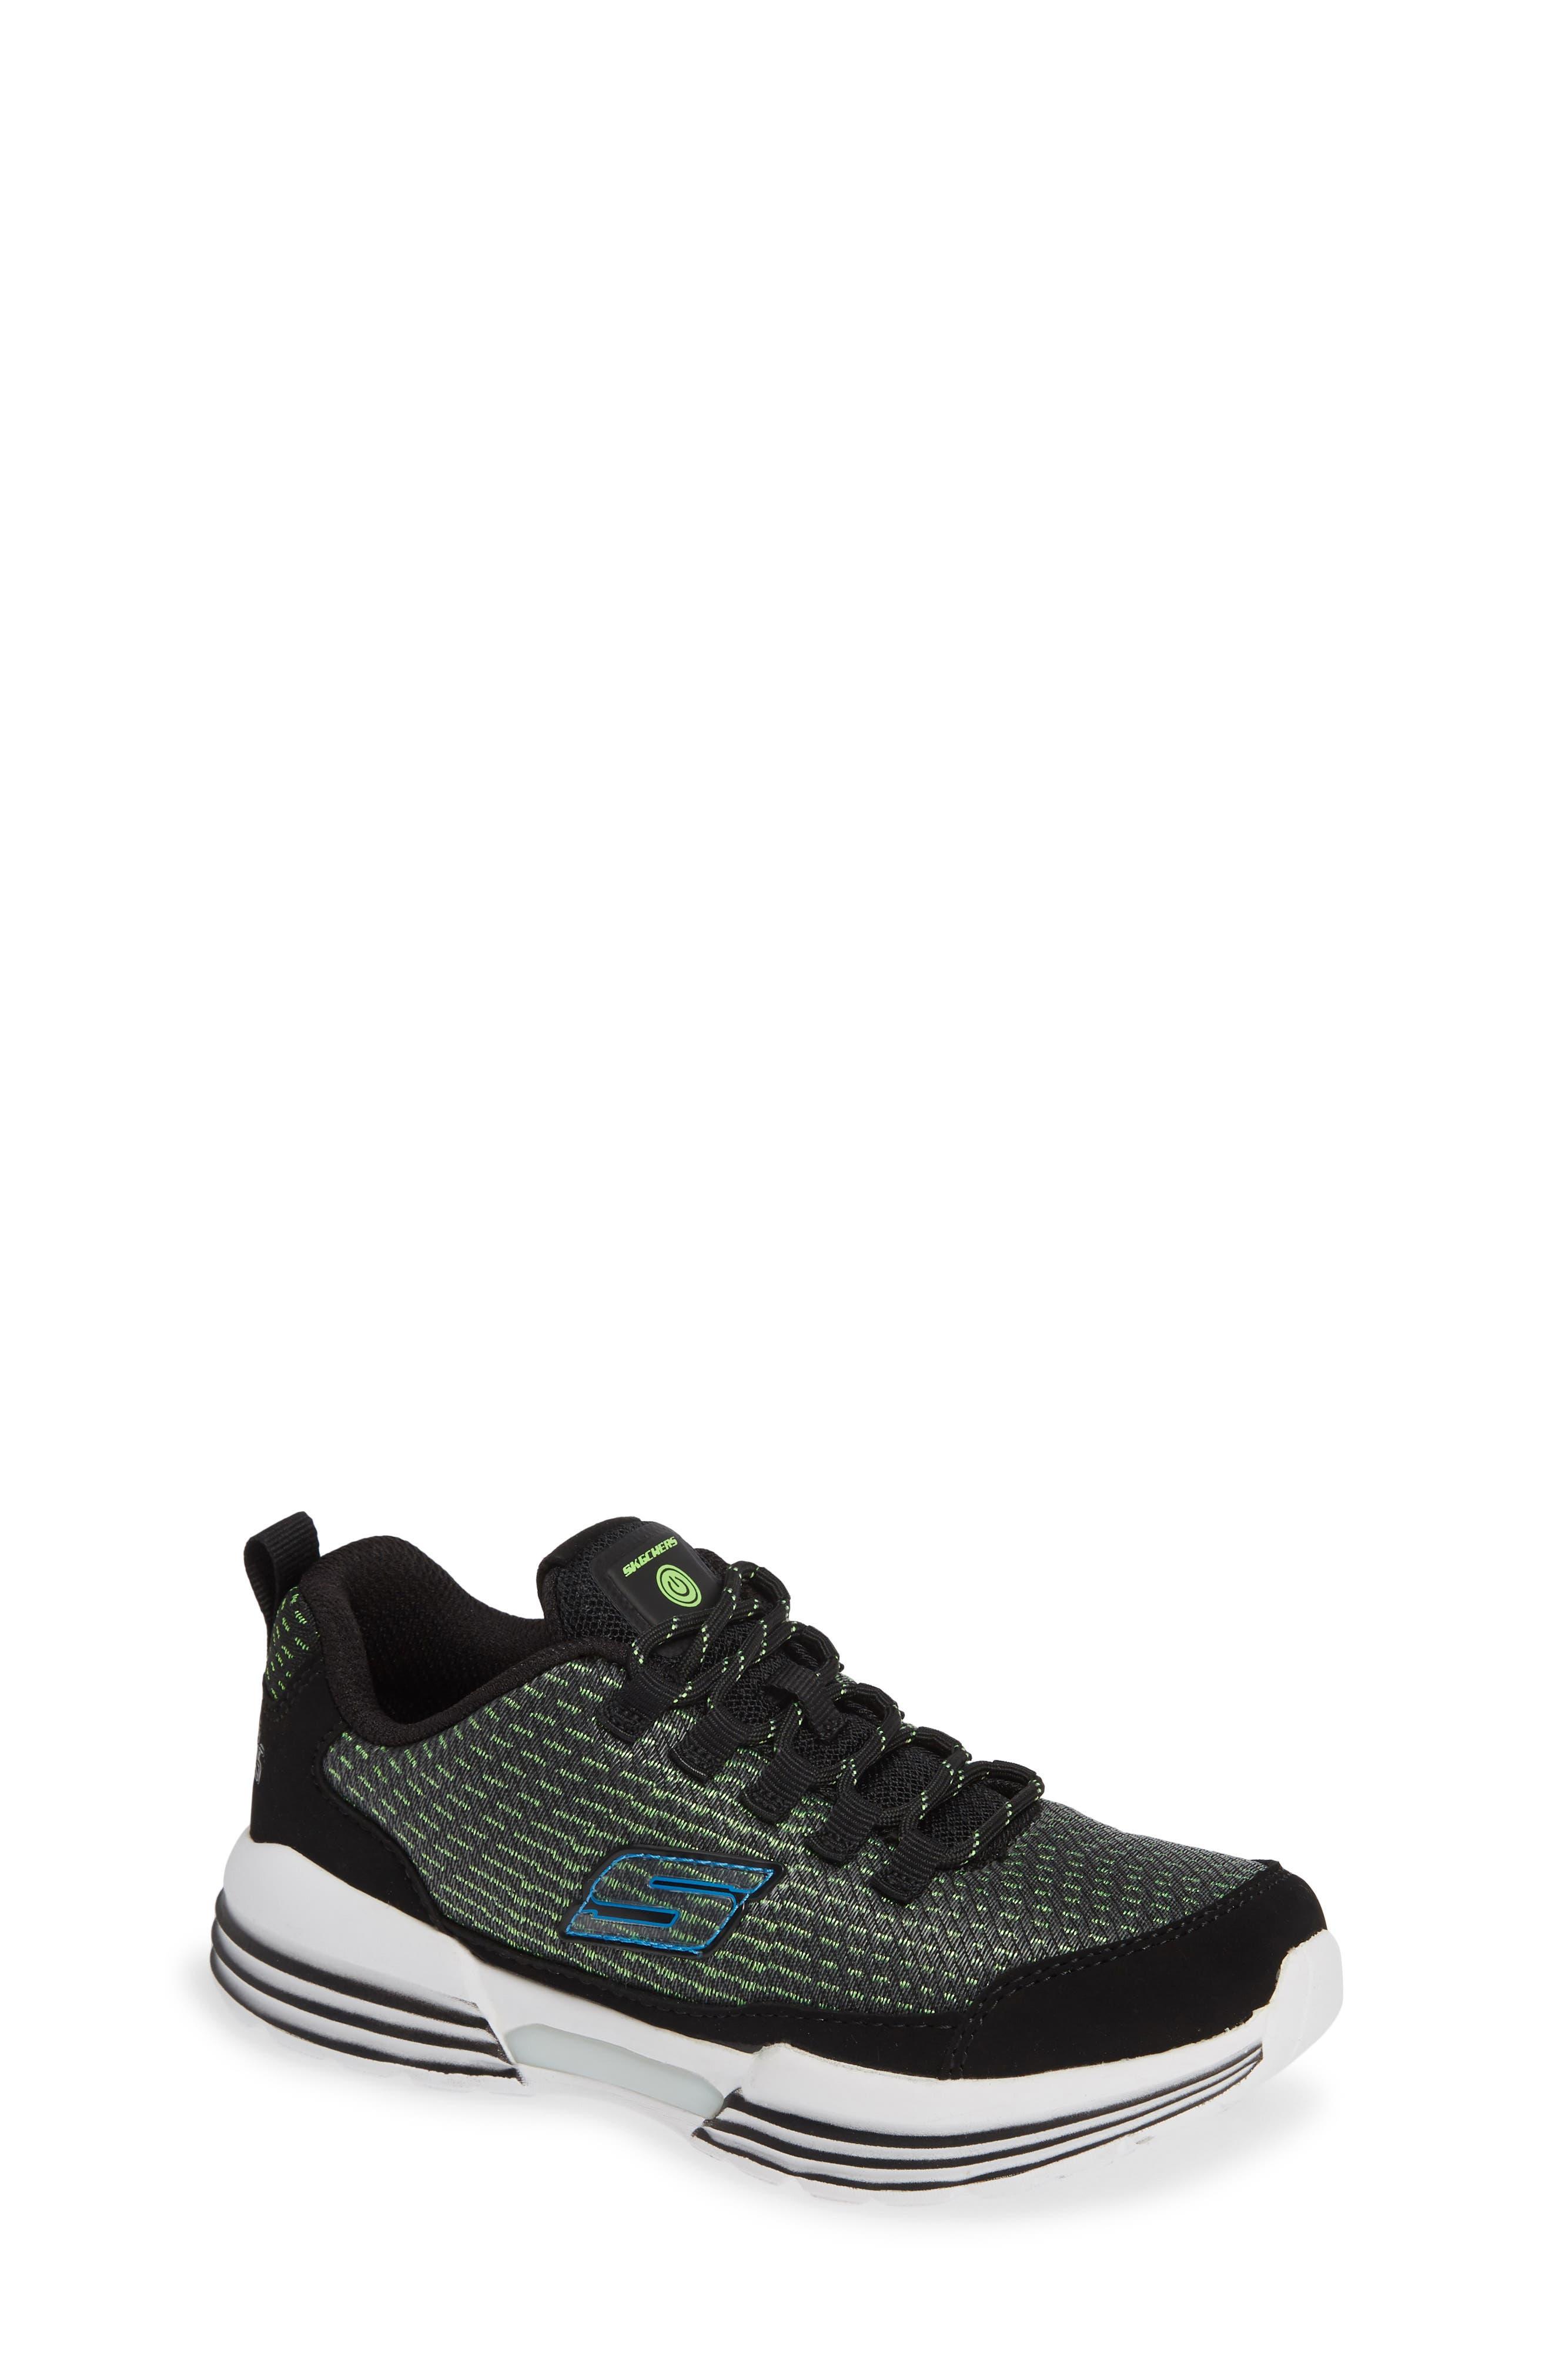 Luminators Sneaker,                             Main thumbnail 1, color,                             BLACK/ LIME